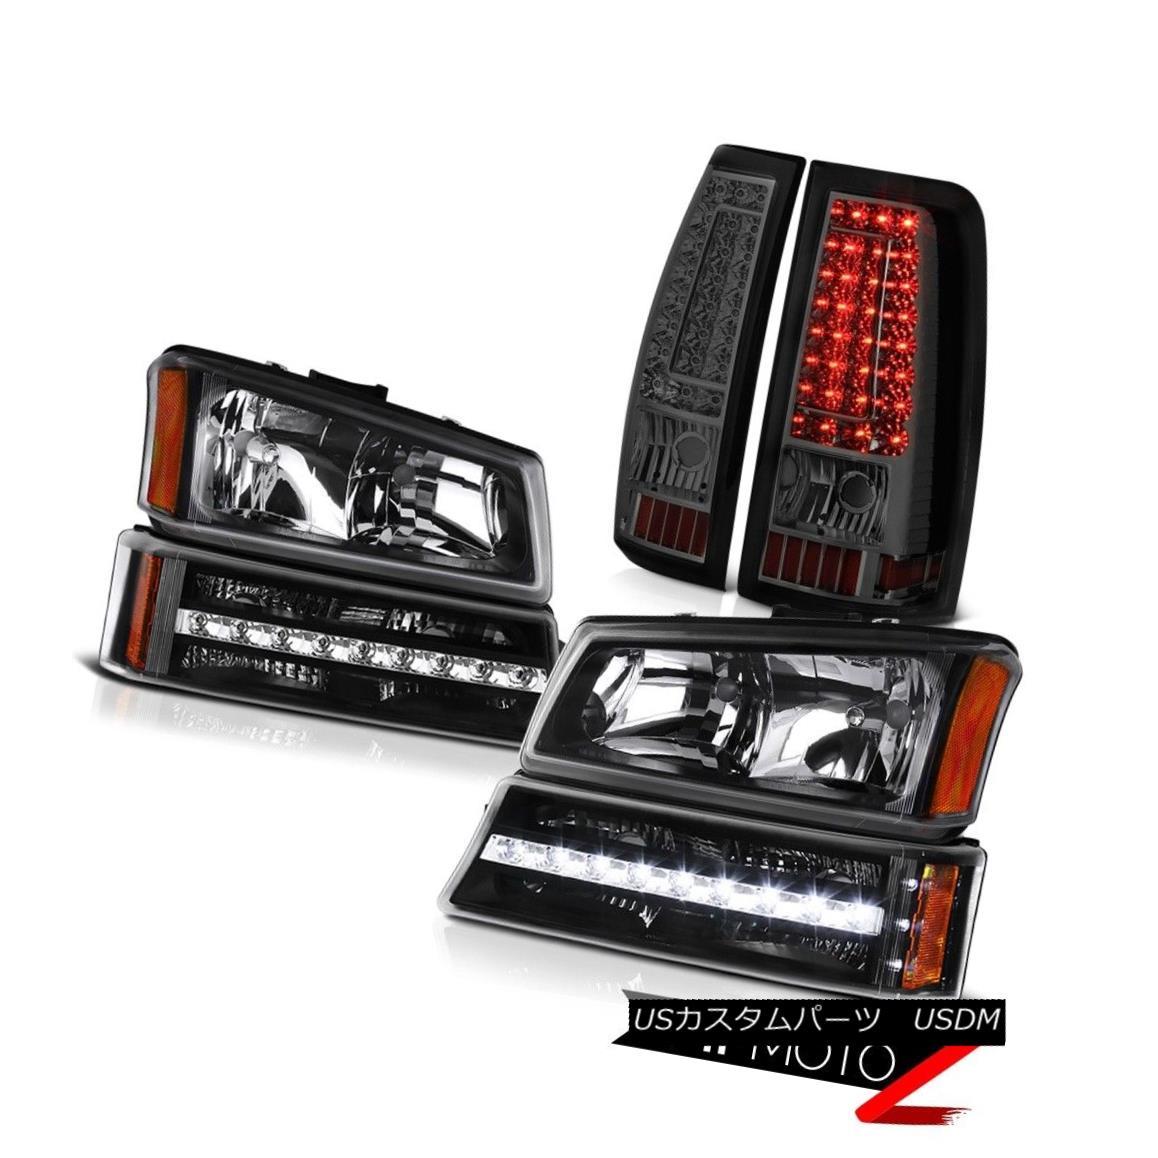 ヘッドライト 03 04 05 06 Silverado Tail Brake Lamps Nighthawk Black Bumper Lamp Headlights 03 04 05 06 Silveradoテールブレーキランプナイトホークブラックバンパーランプヘッドライト